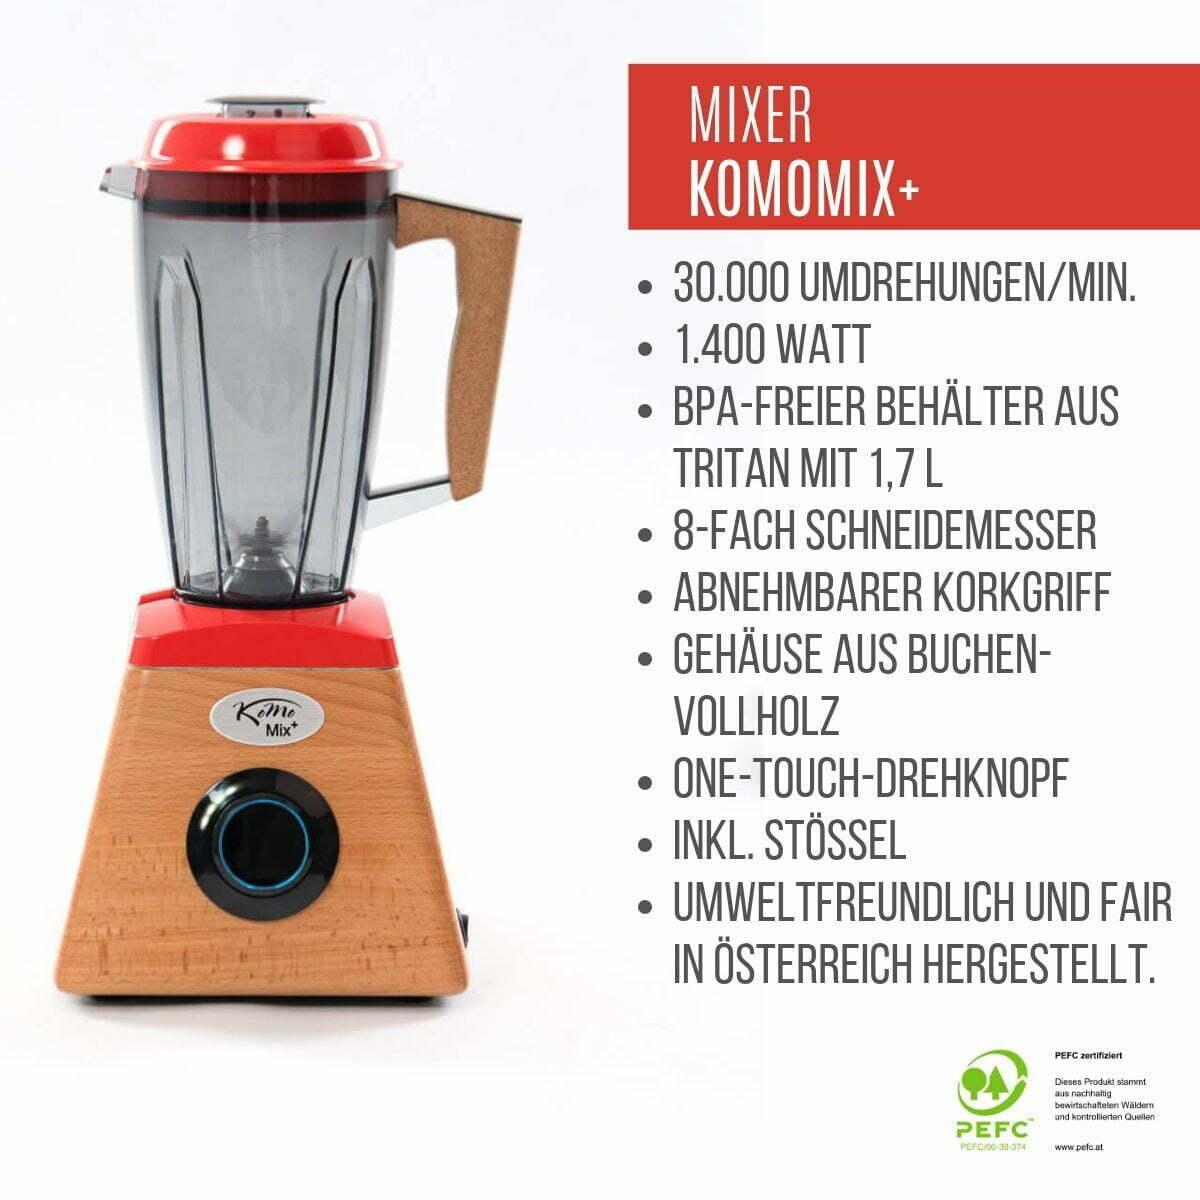 KoMoMix+